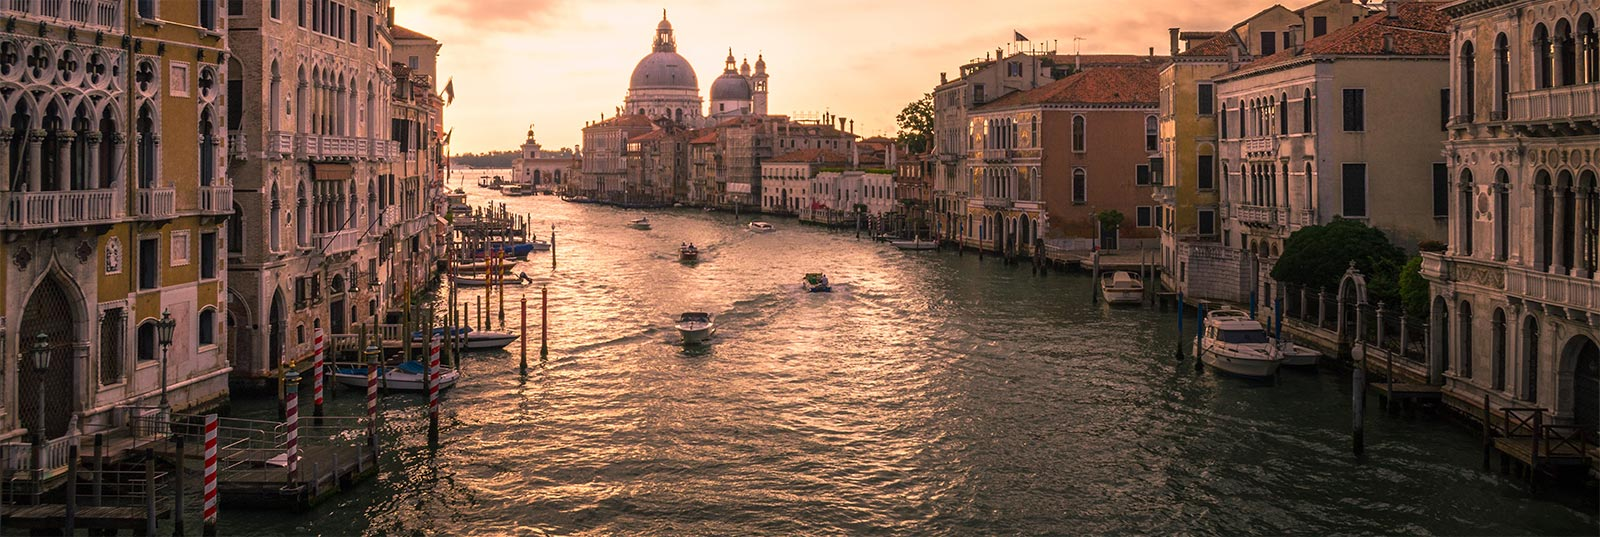 volar a venecia desde sevilla